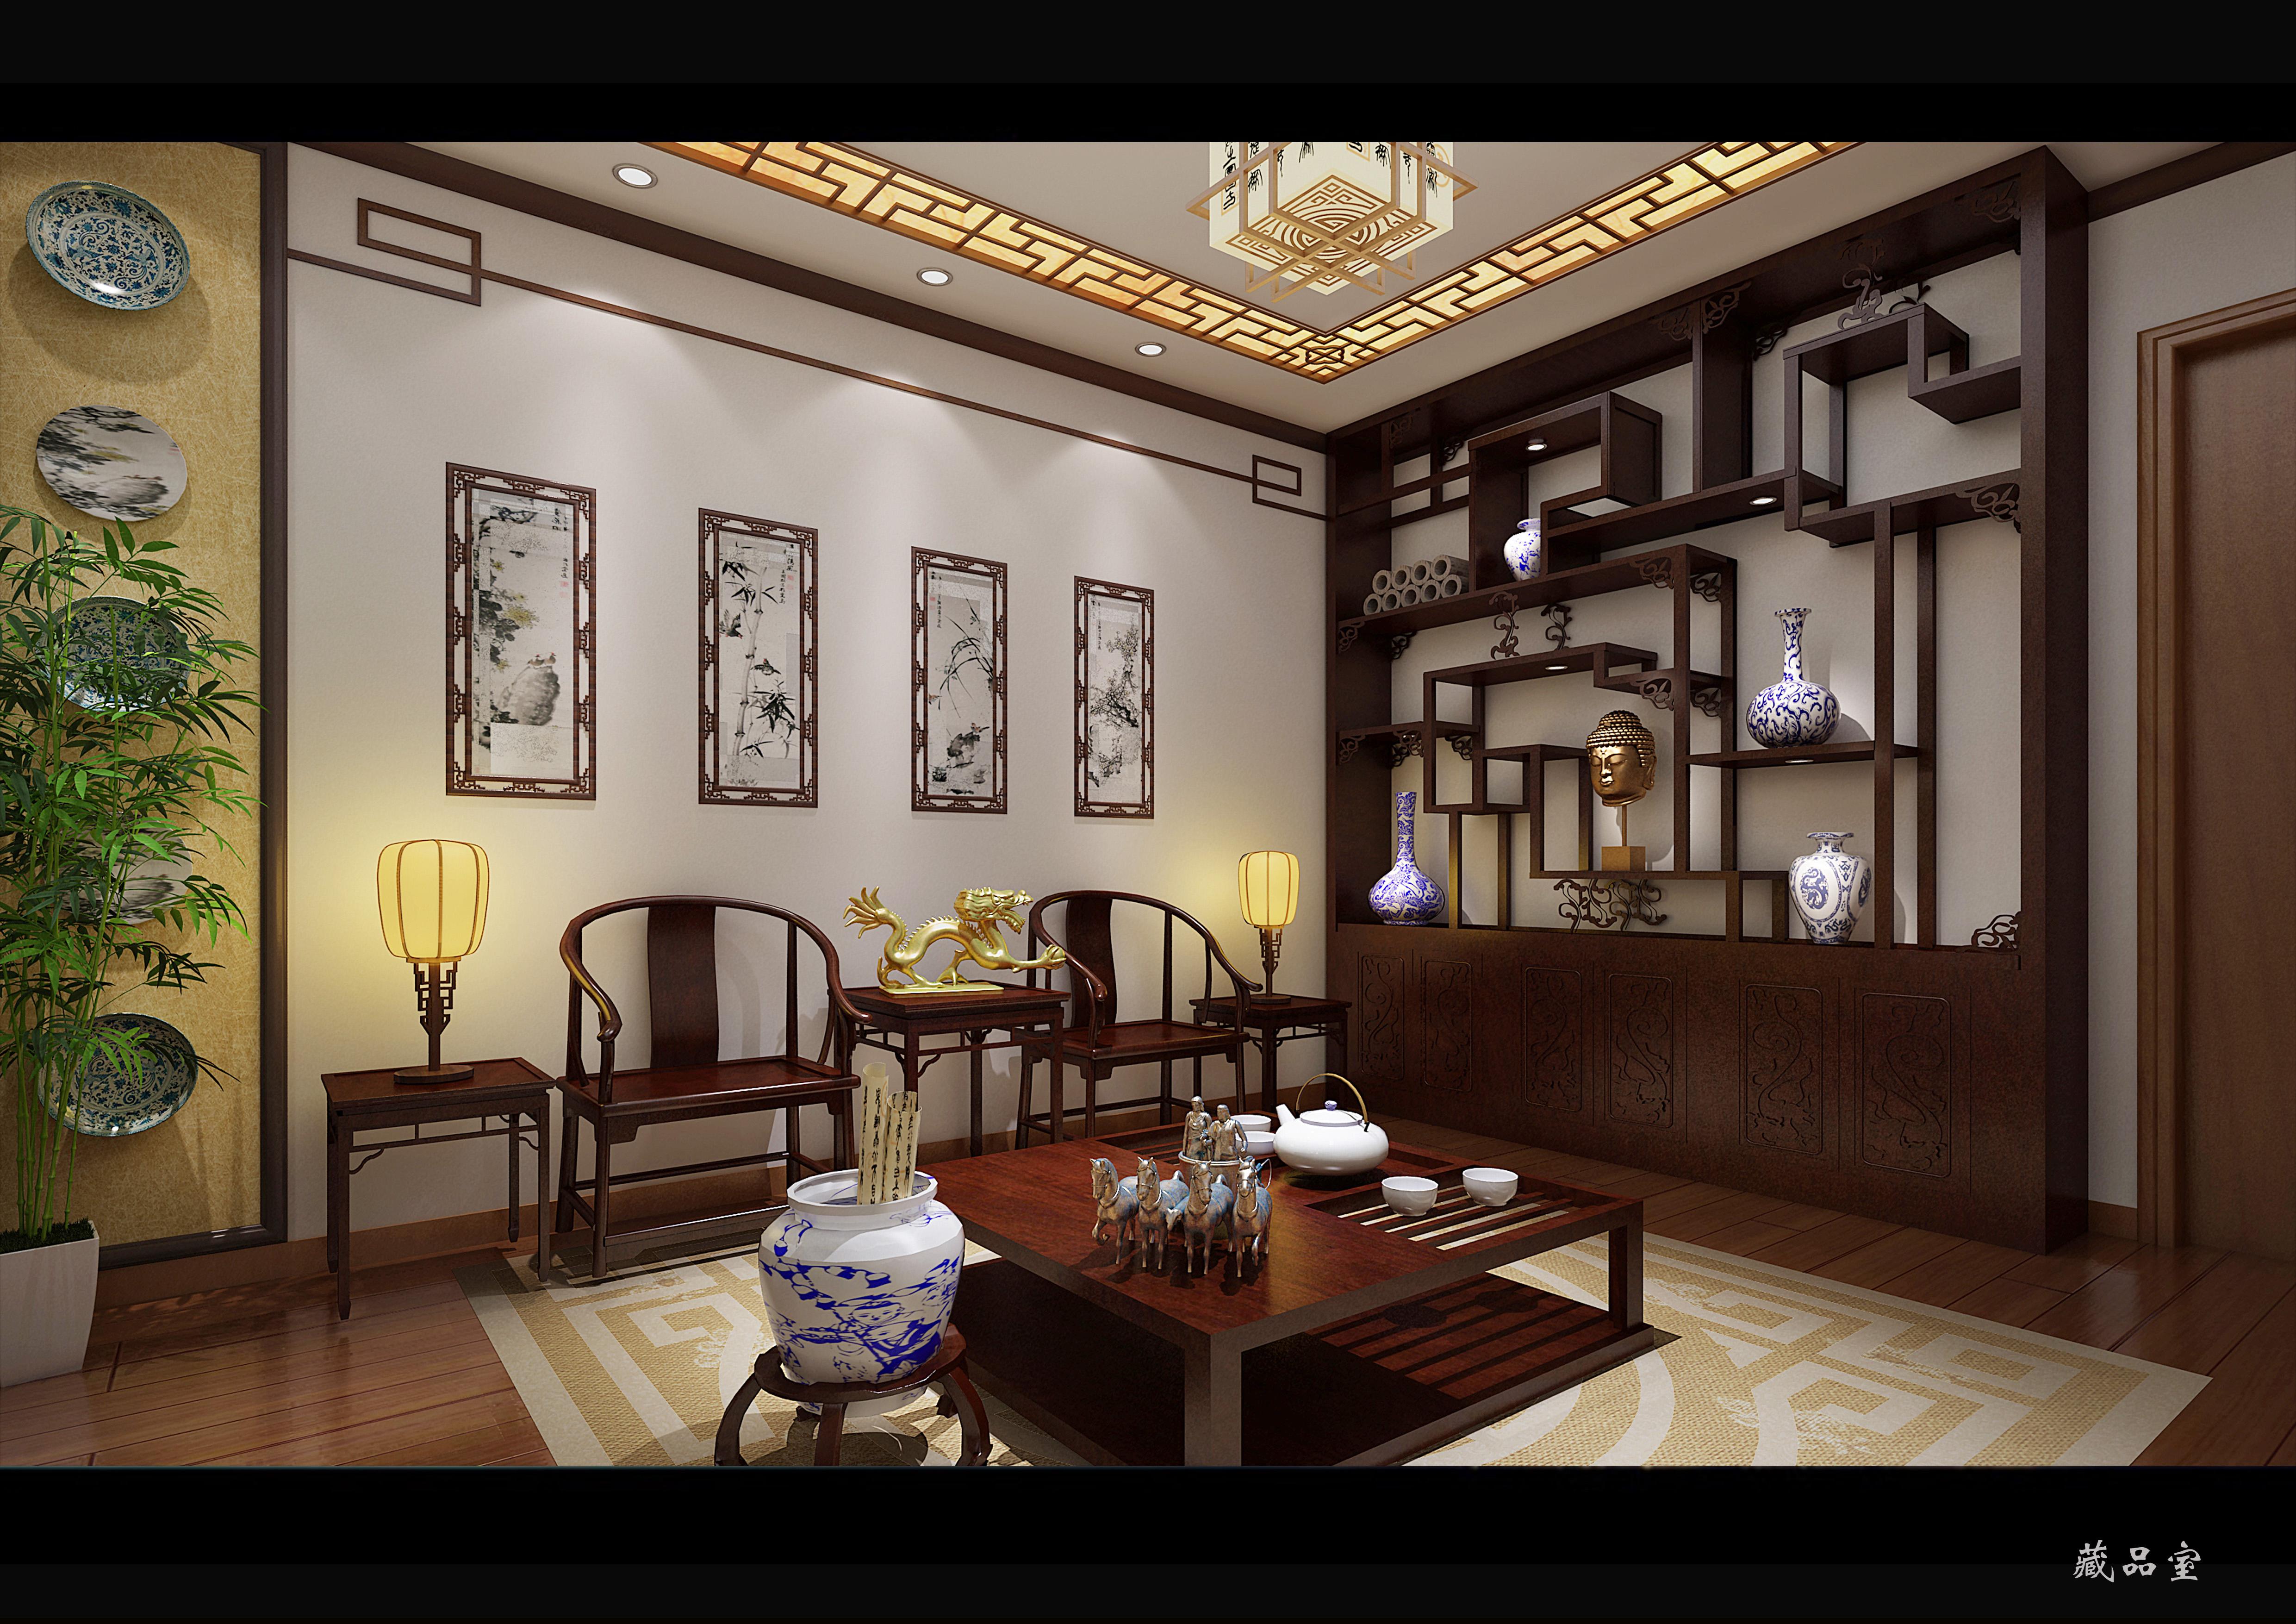 中式设计_室内设计_空间/建筑_原创设计 第一设计网